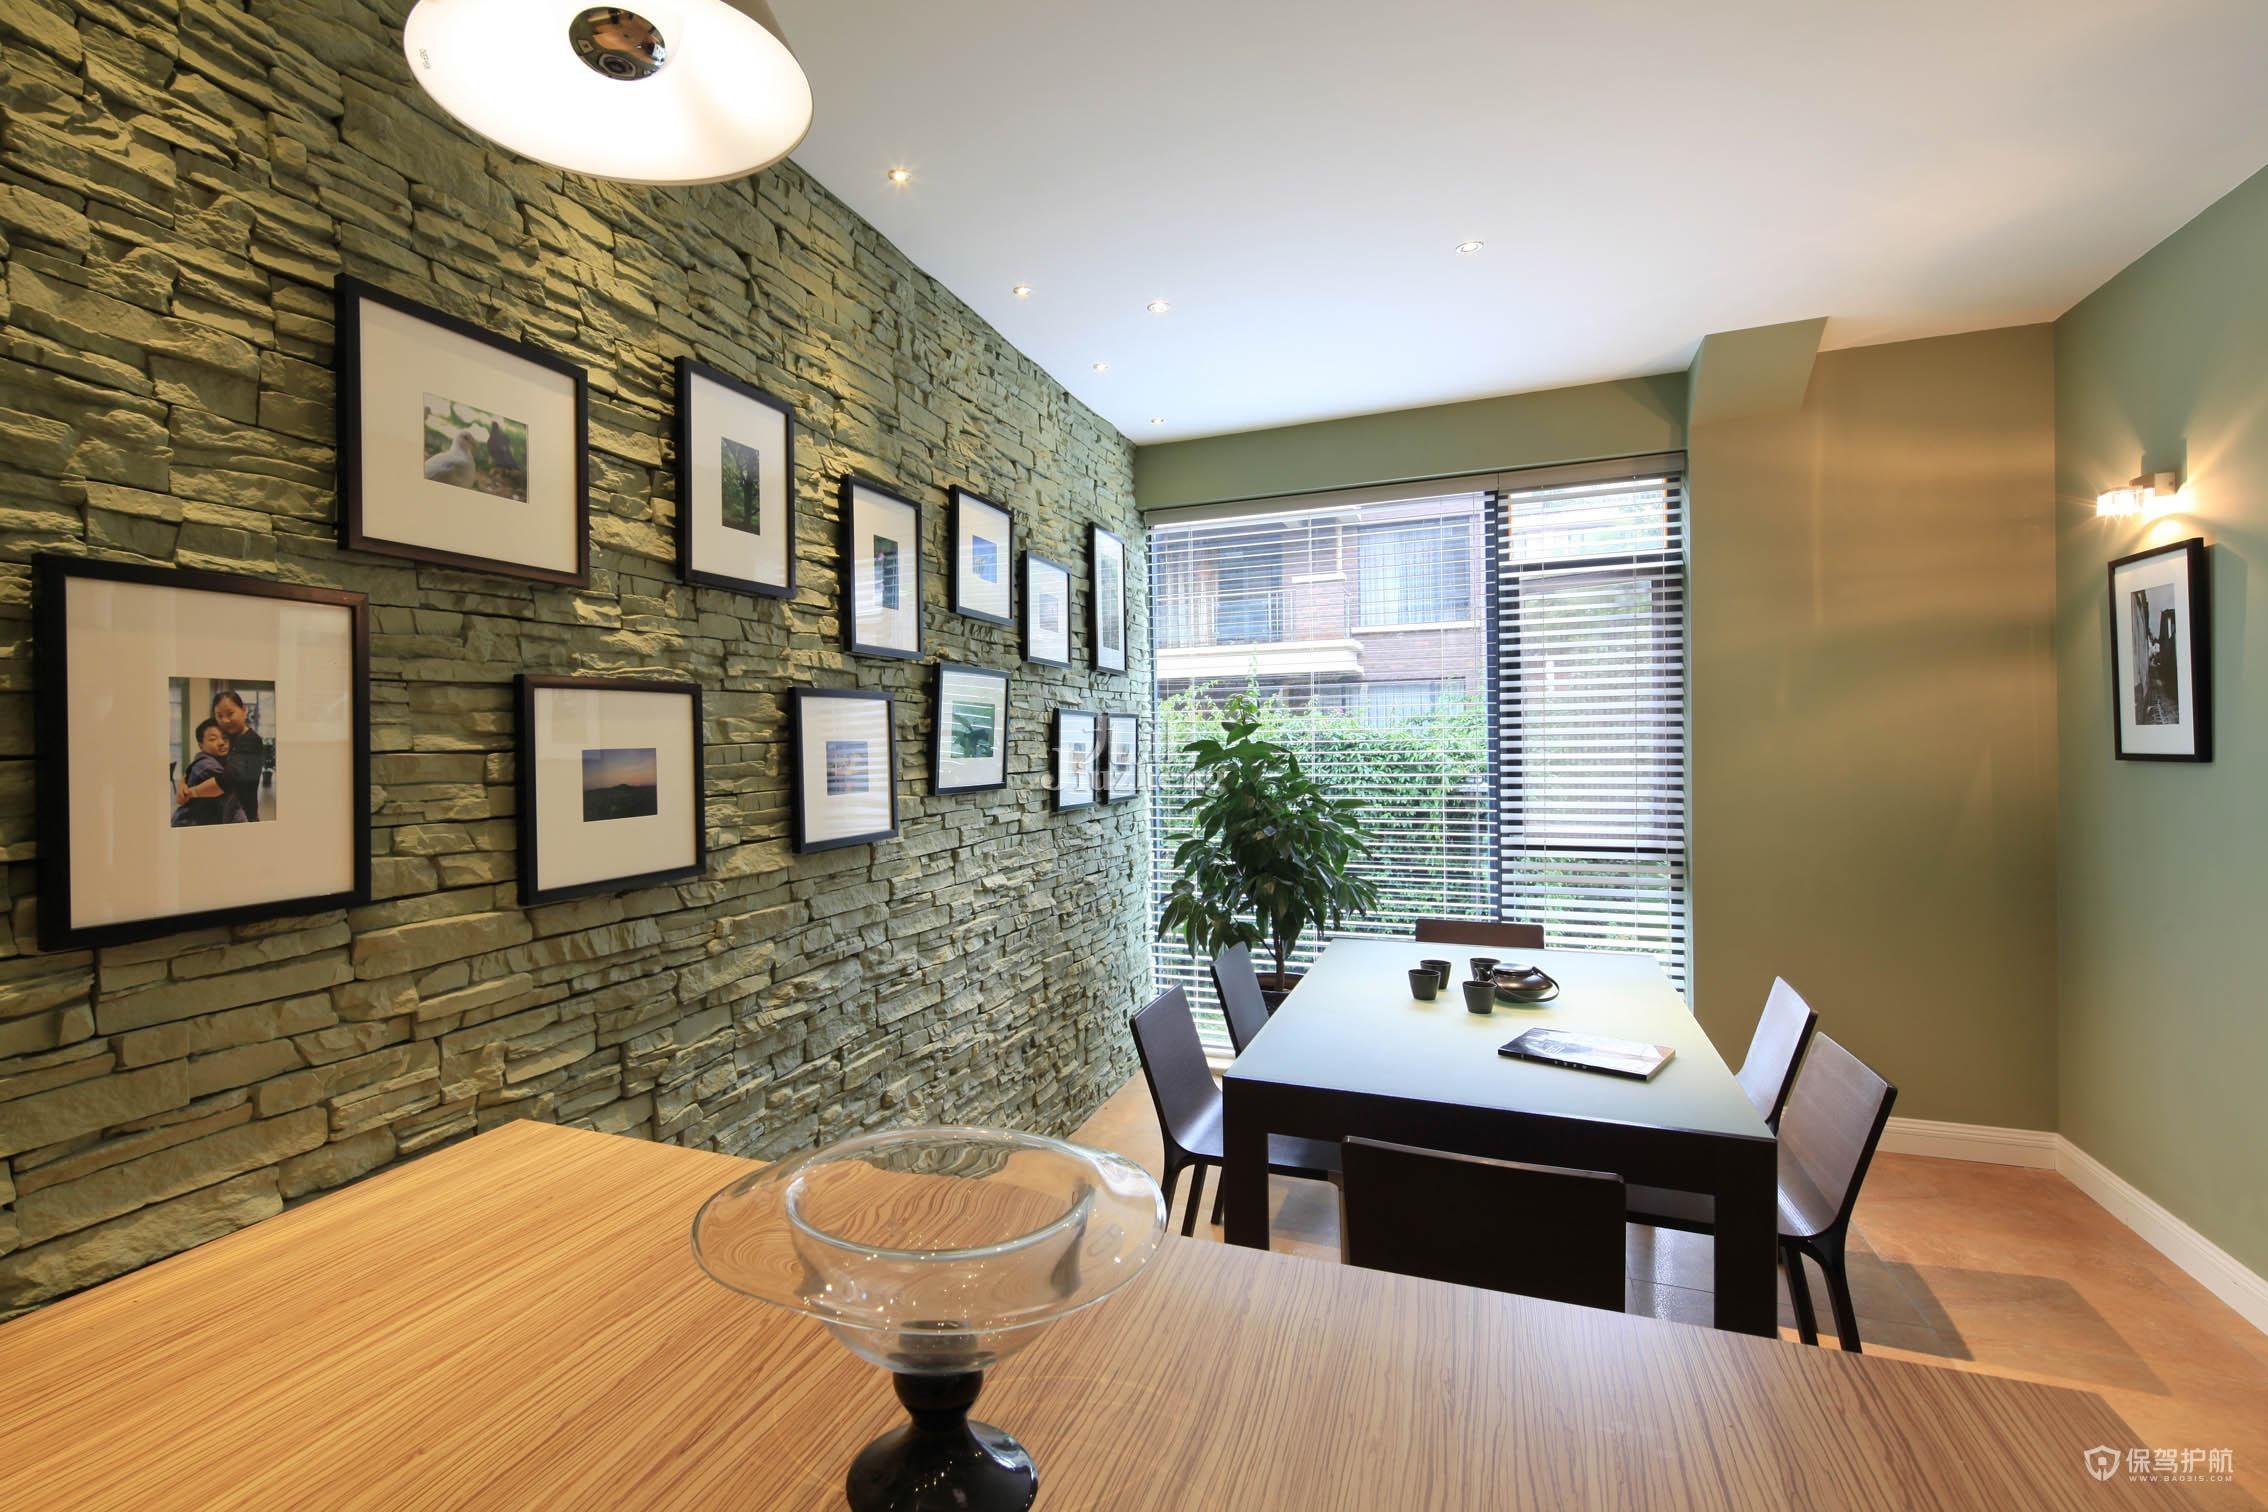 餐厅背景墙怎么装修好看?餐厅背景墙装修效果图